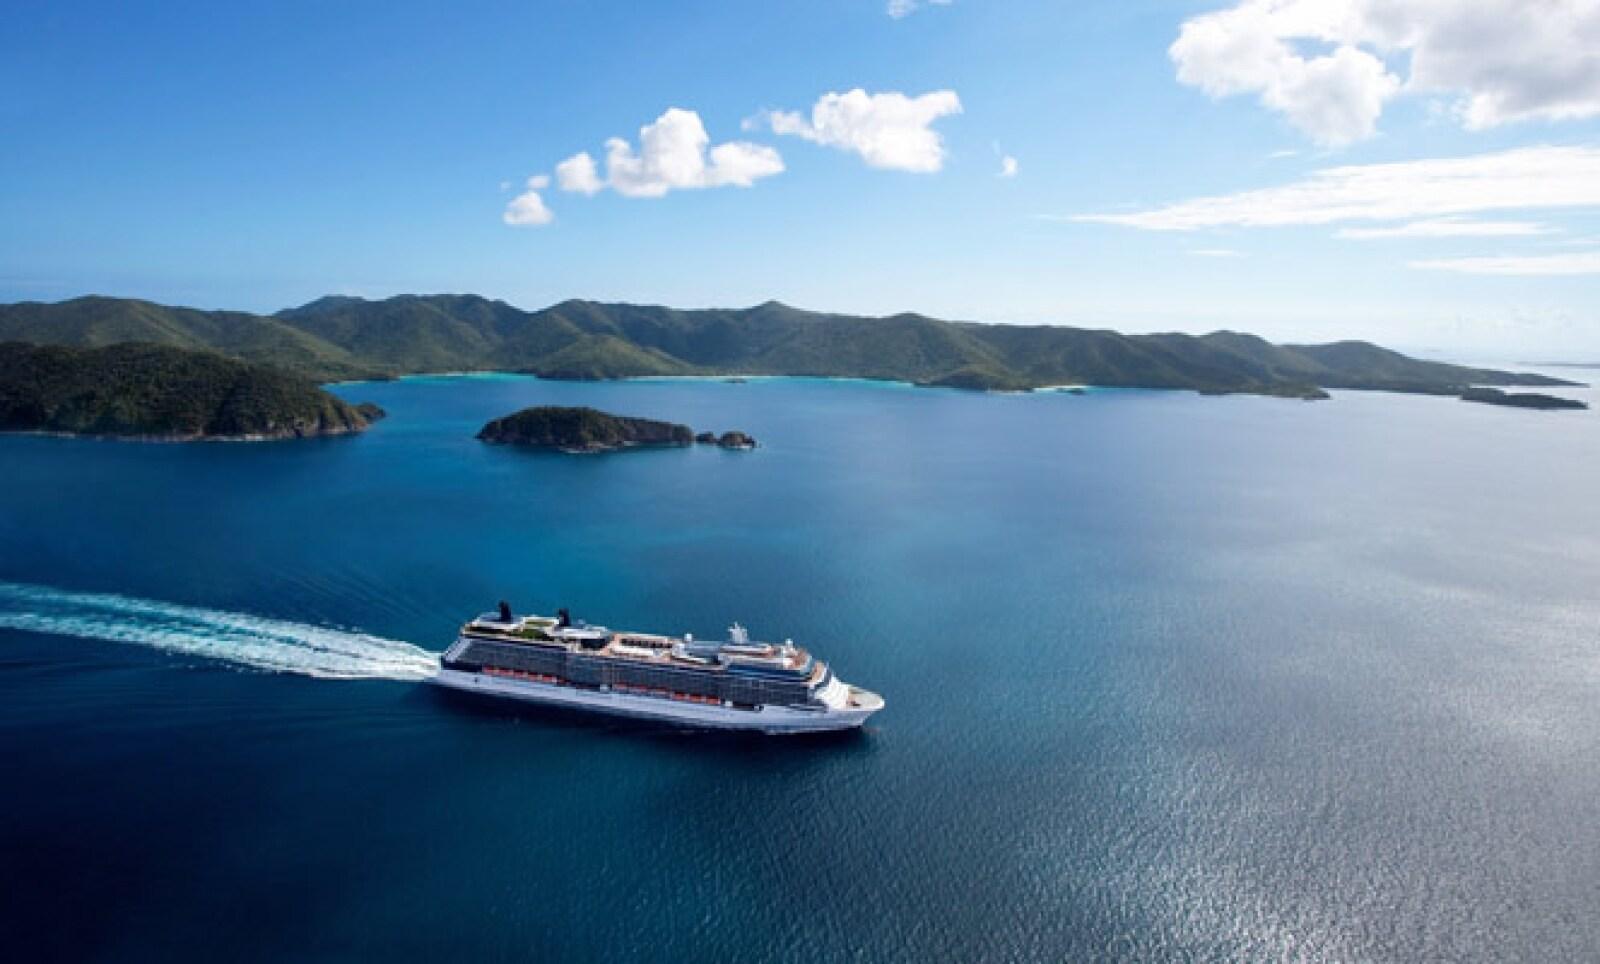 El barco alternará un itinerario de siete noches por el Caribe Occidental y otro de igual duración por el Caribe Oriental, con salida desde Port Everglades en Fort Lauderdale, Florida.